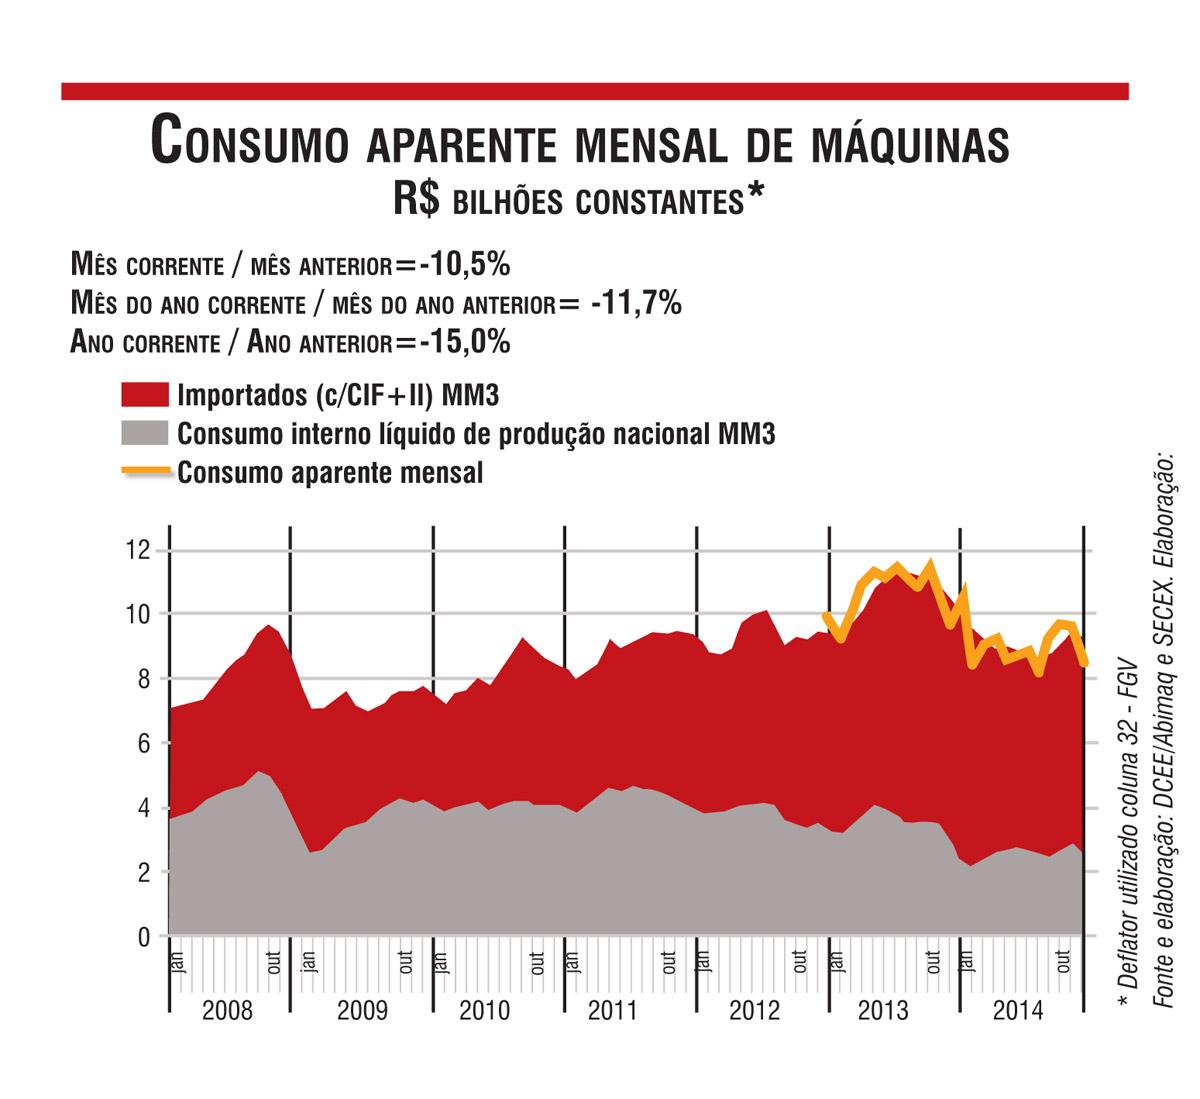 Química e Derivados, Consumo aparente mensal de máquinas - R$ bilhões constantes*